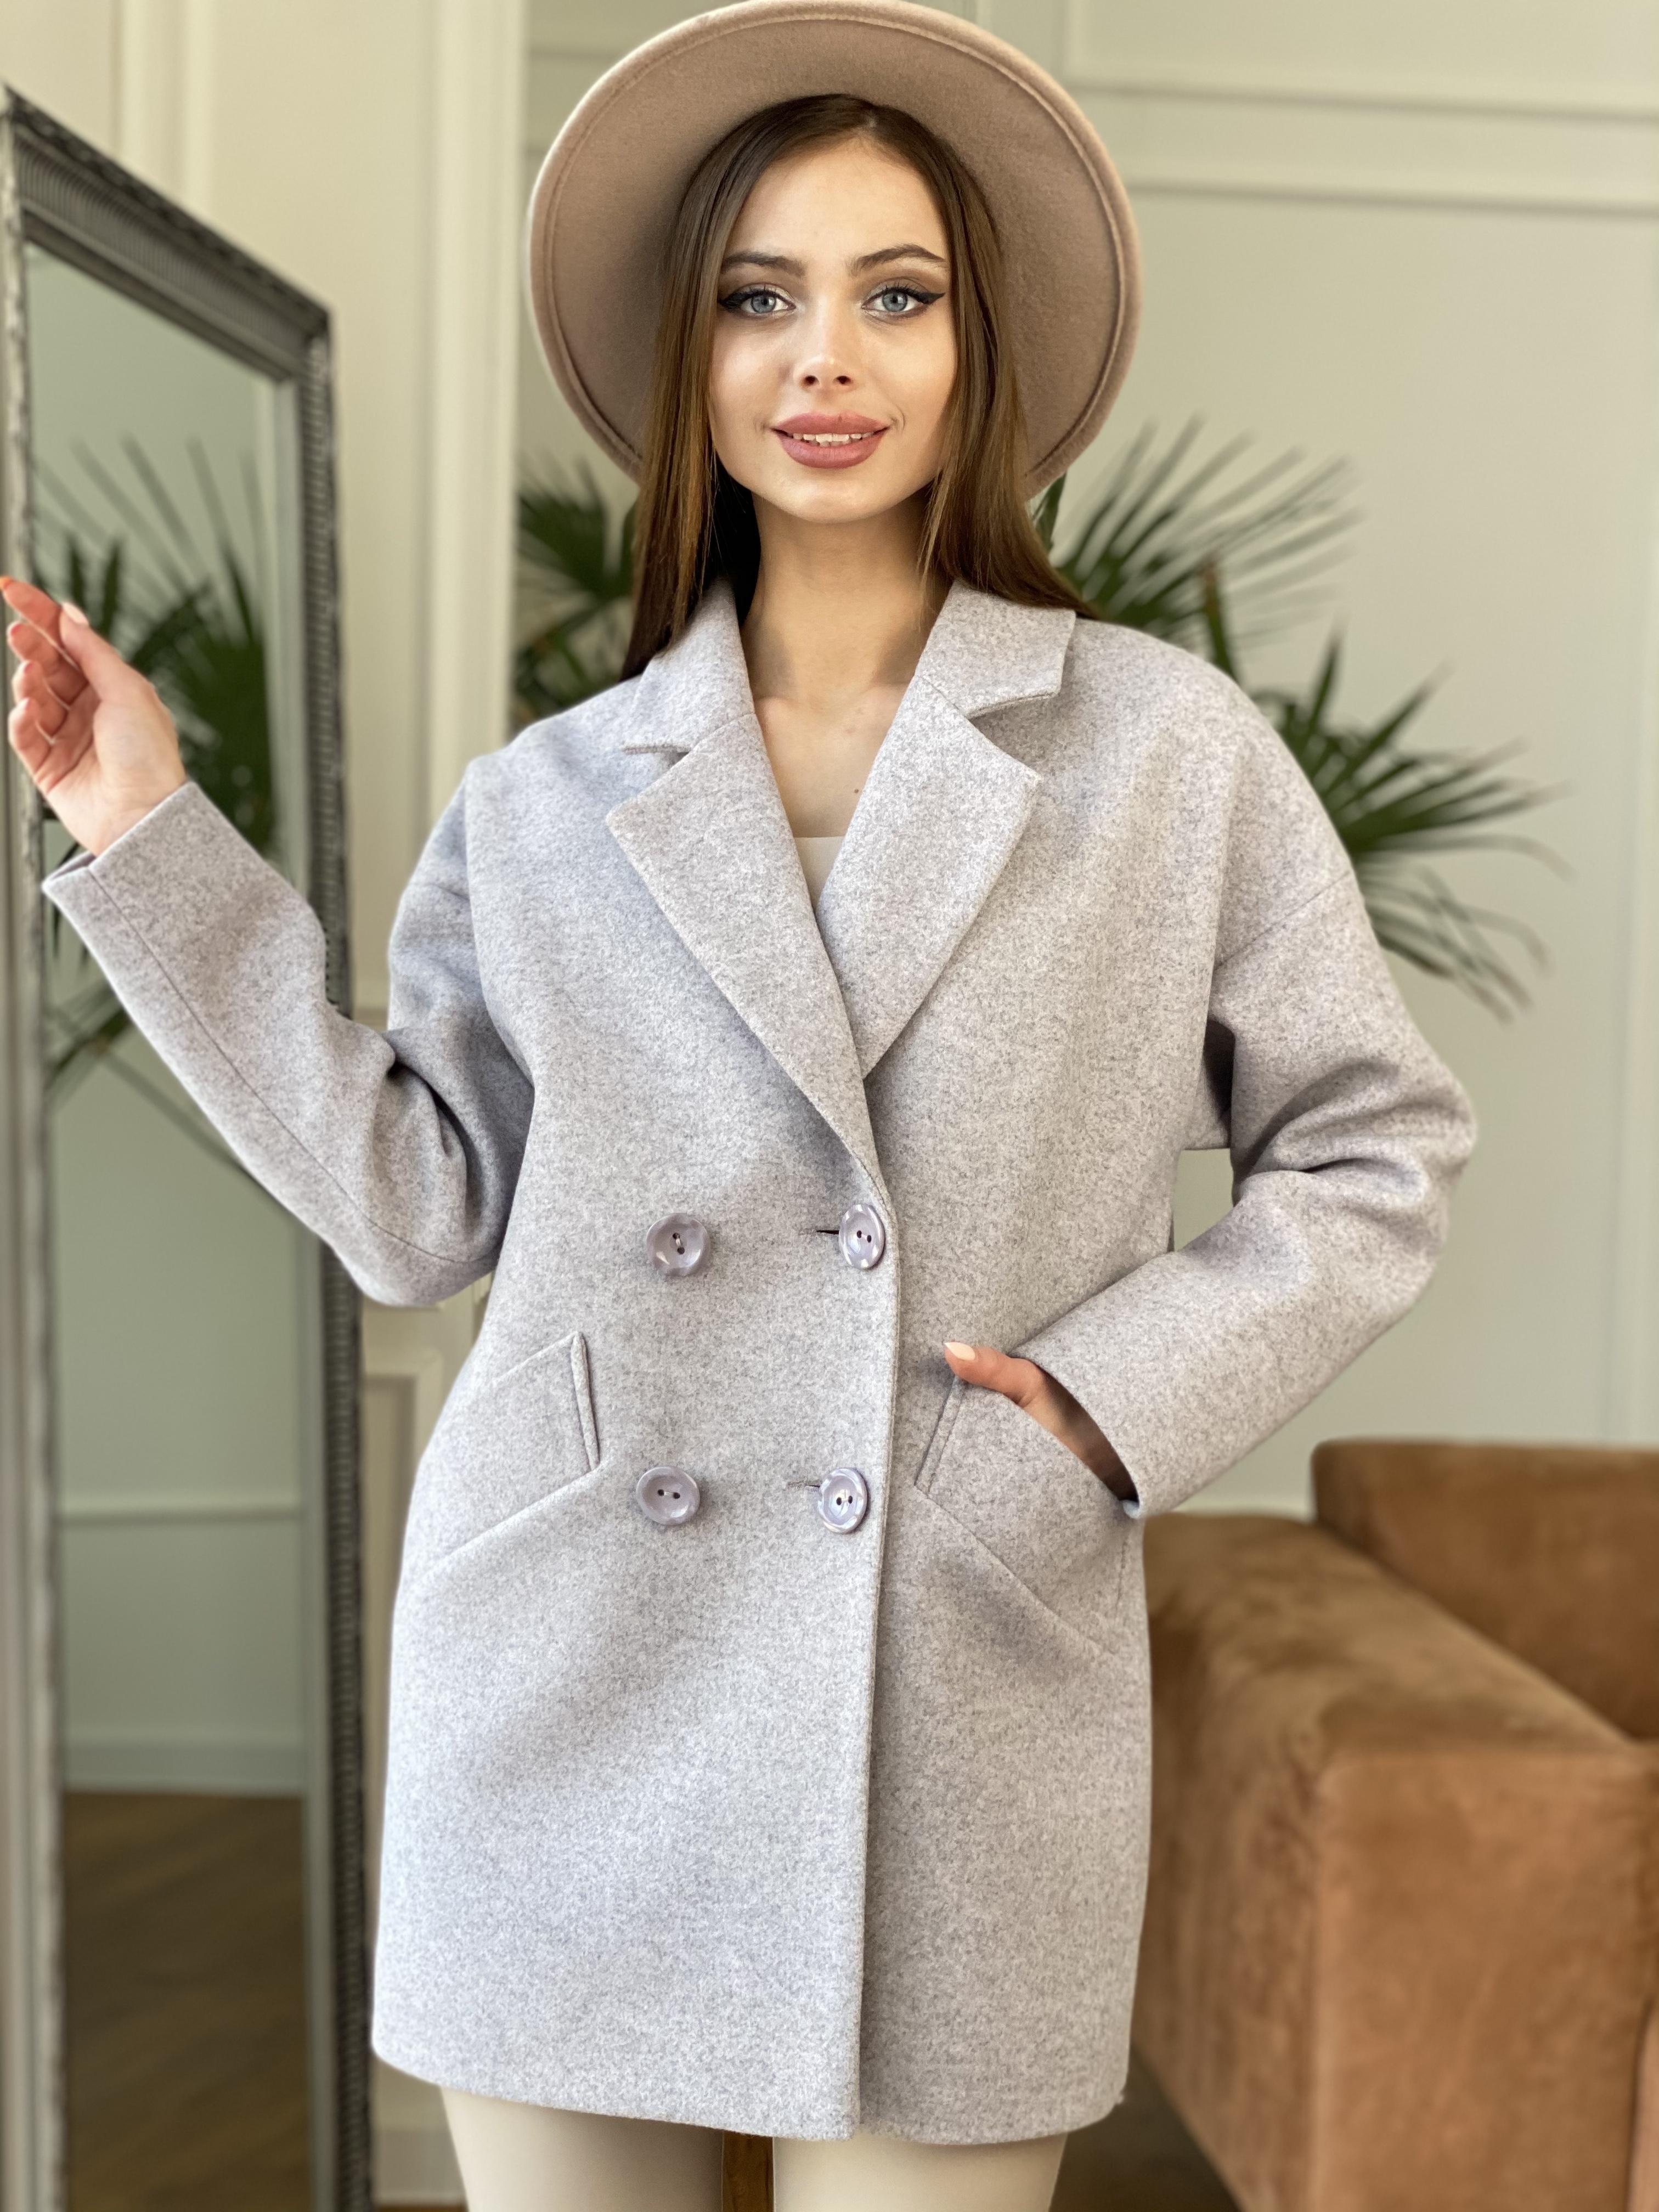 Бонд пальто  кашемировое меланж на трикотаже  10644 АРТ. 47177 Цвет: Серо-розовый - фото 2, интернет магазин tm-modus.ru